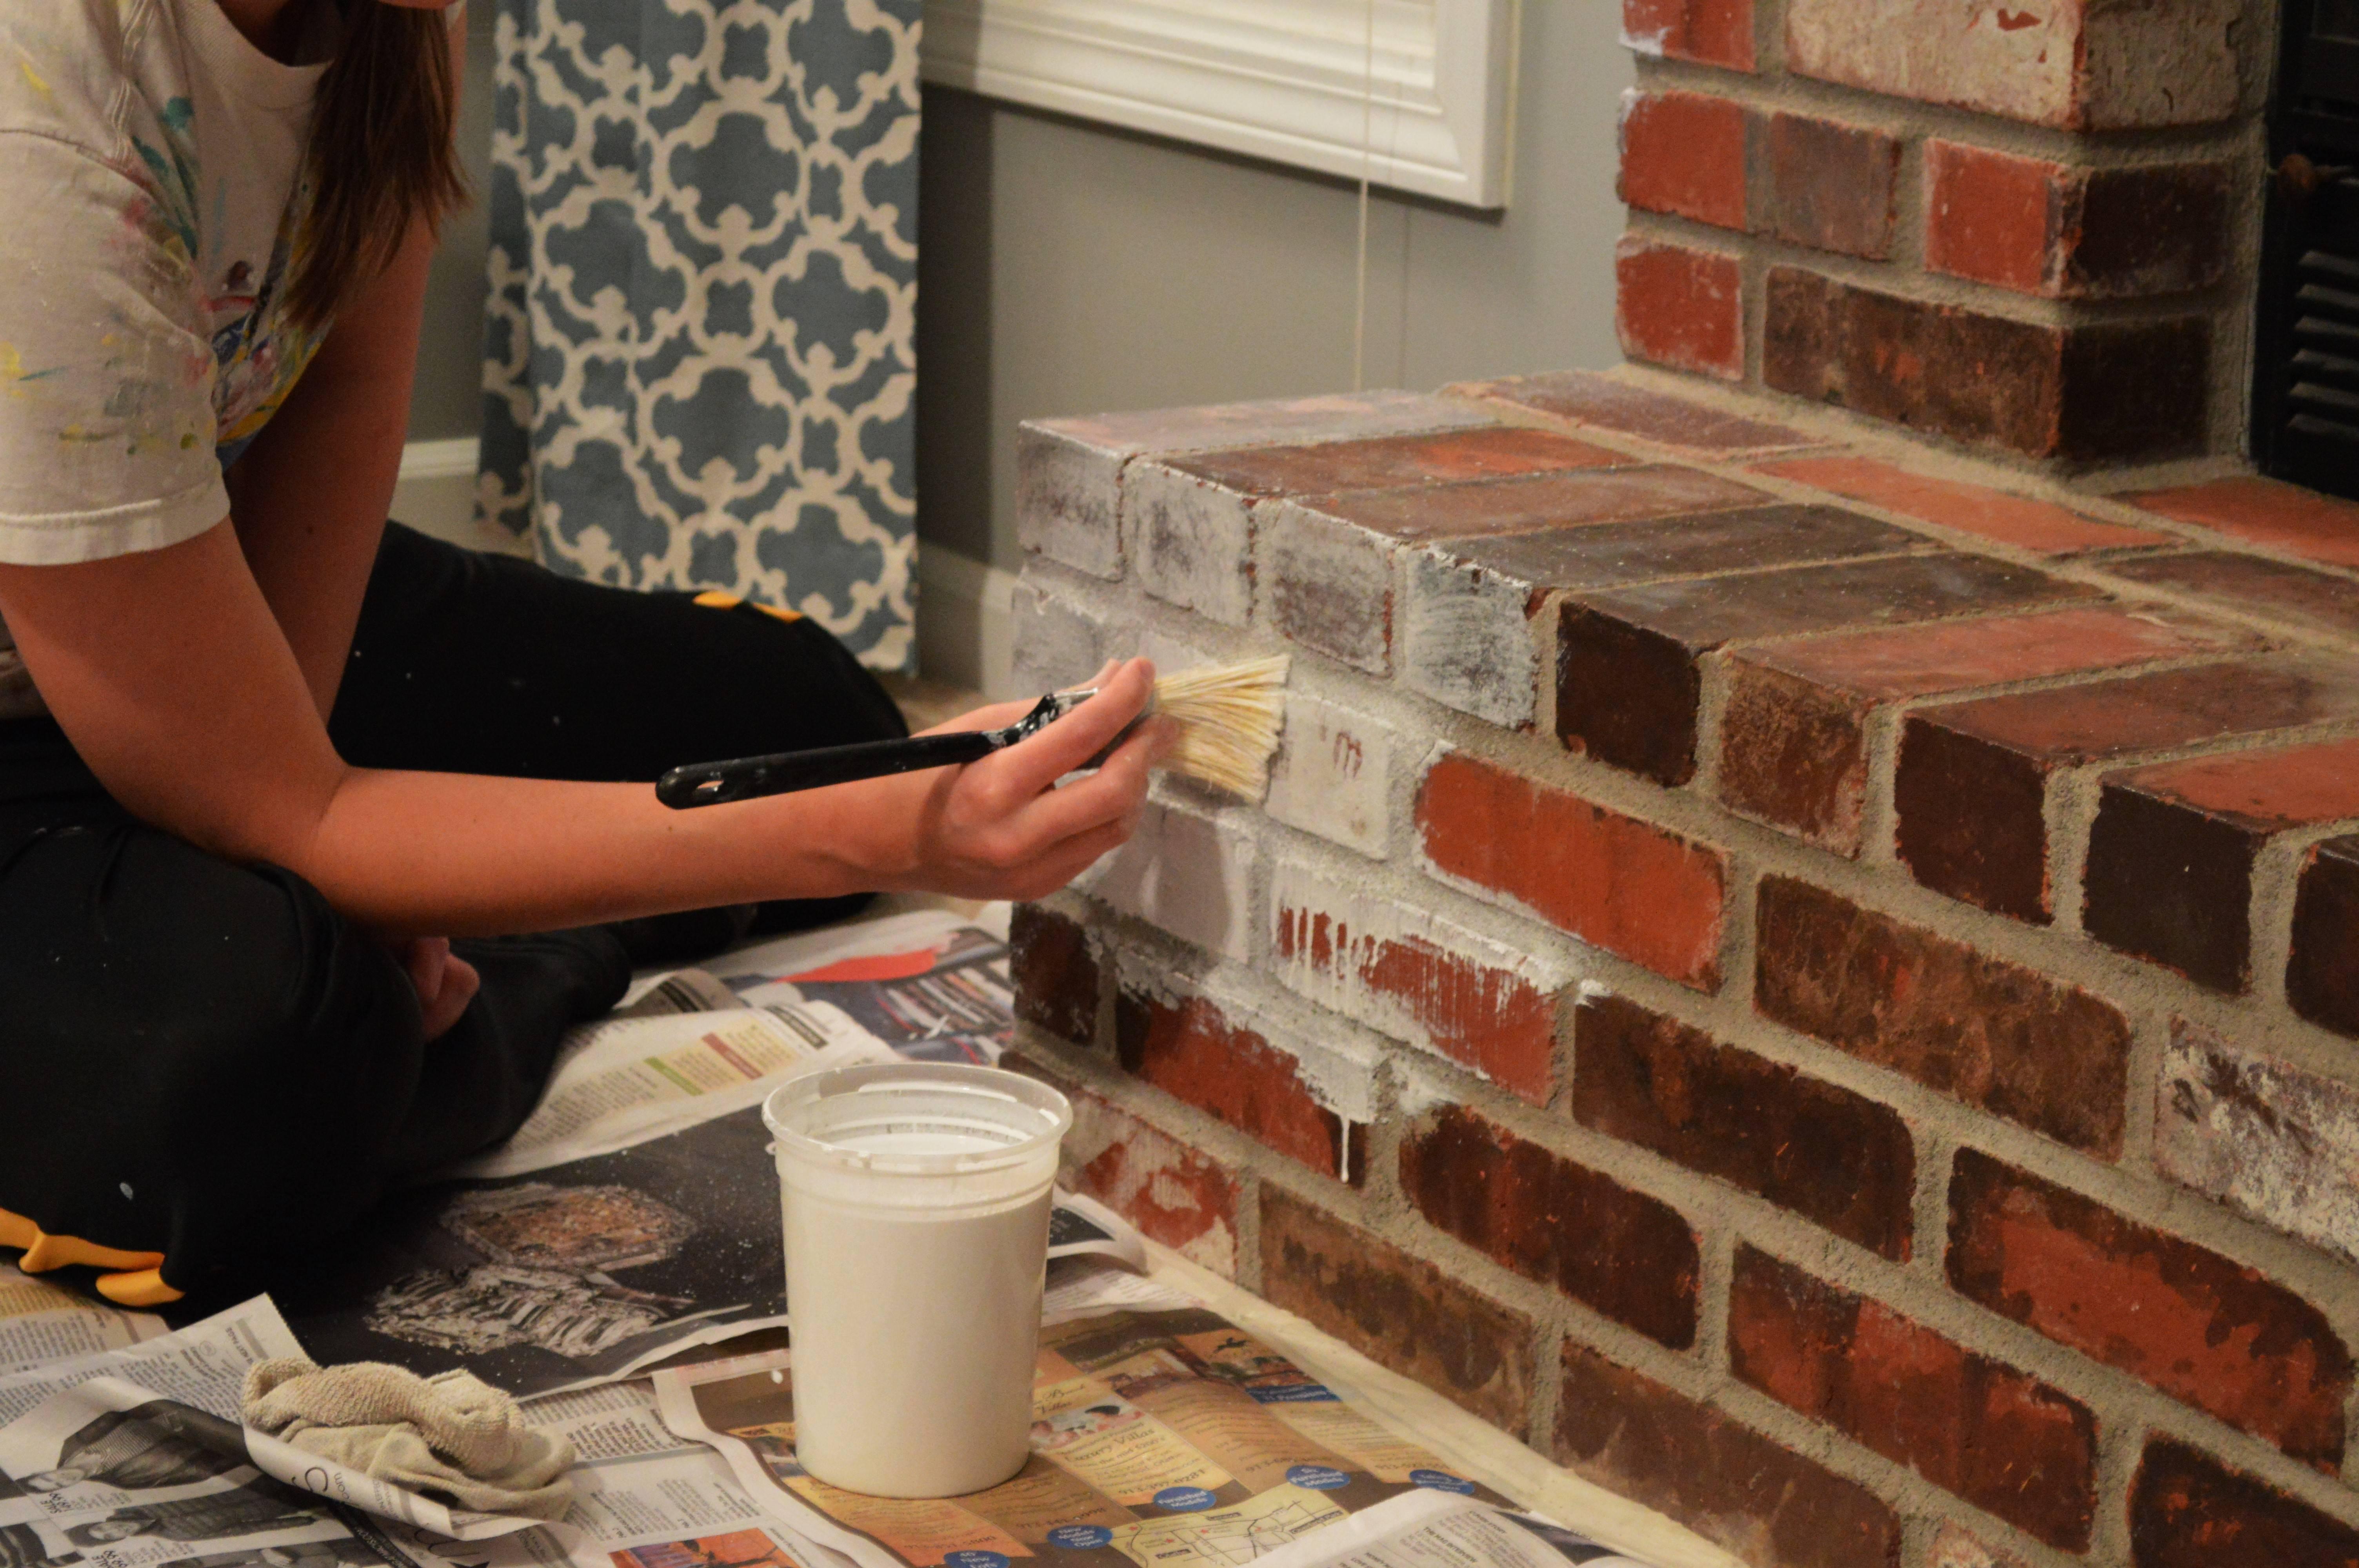 Чем покрасить кирпичную печь в доме, выбираем лаки и краски